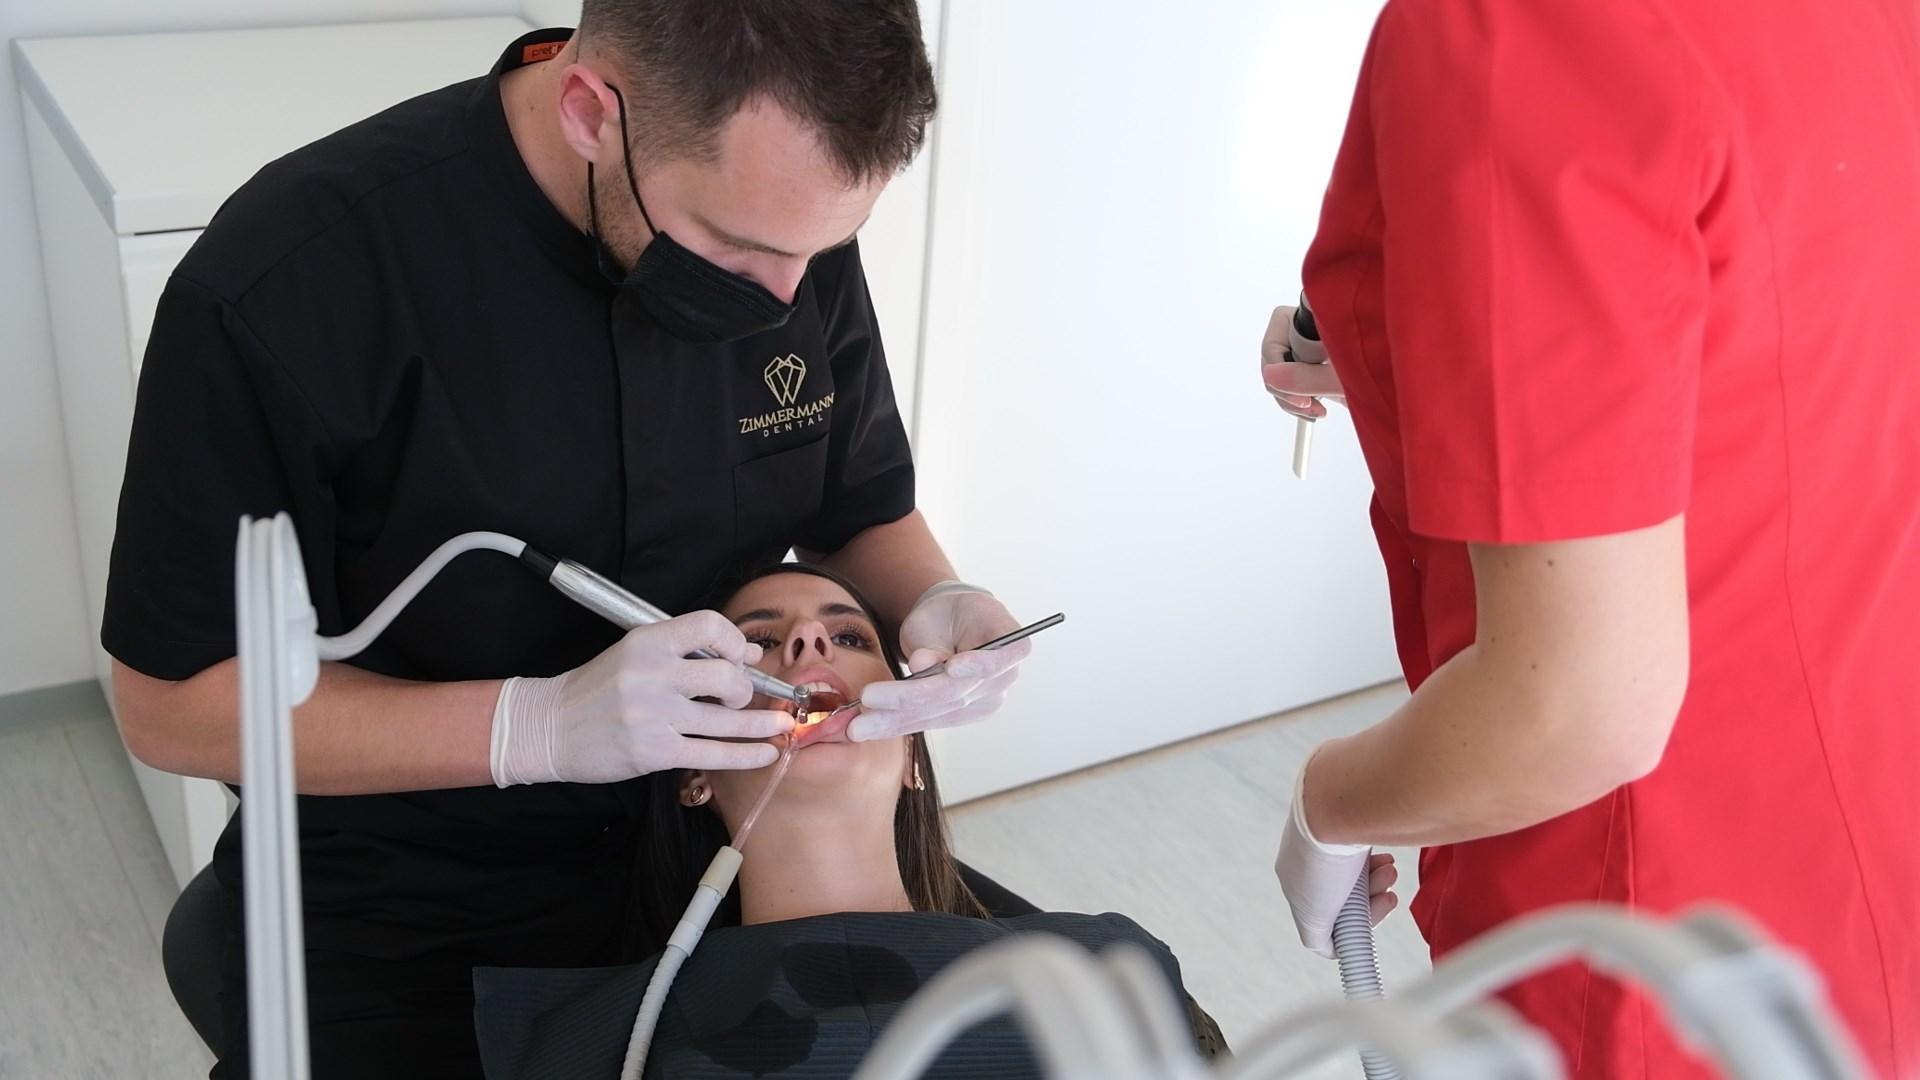 Zimmerman dental prva je ordinacija u Hrvatskoj koja je započela s izradom nakita za zube